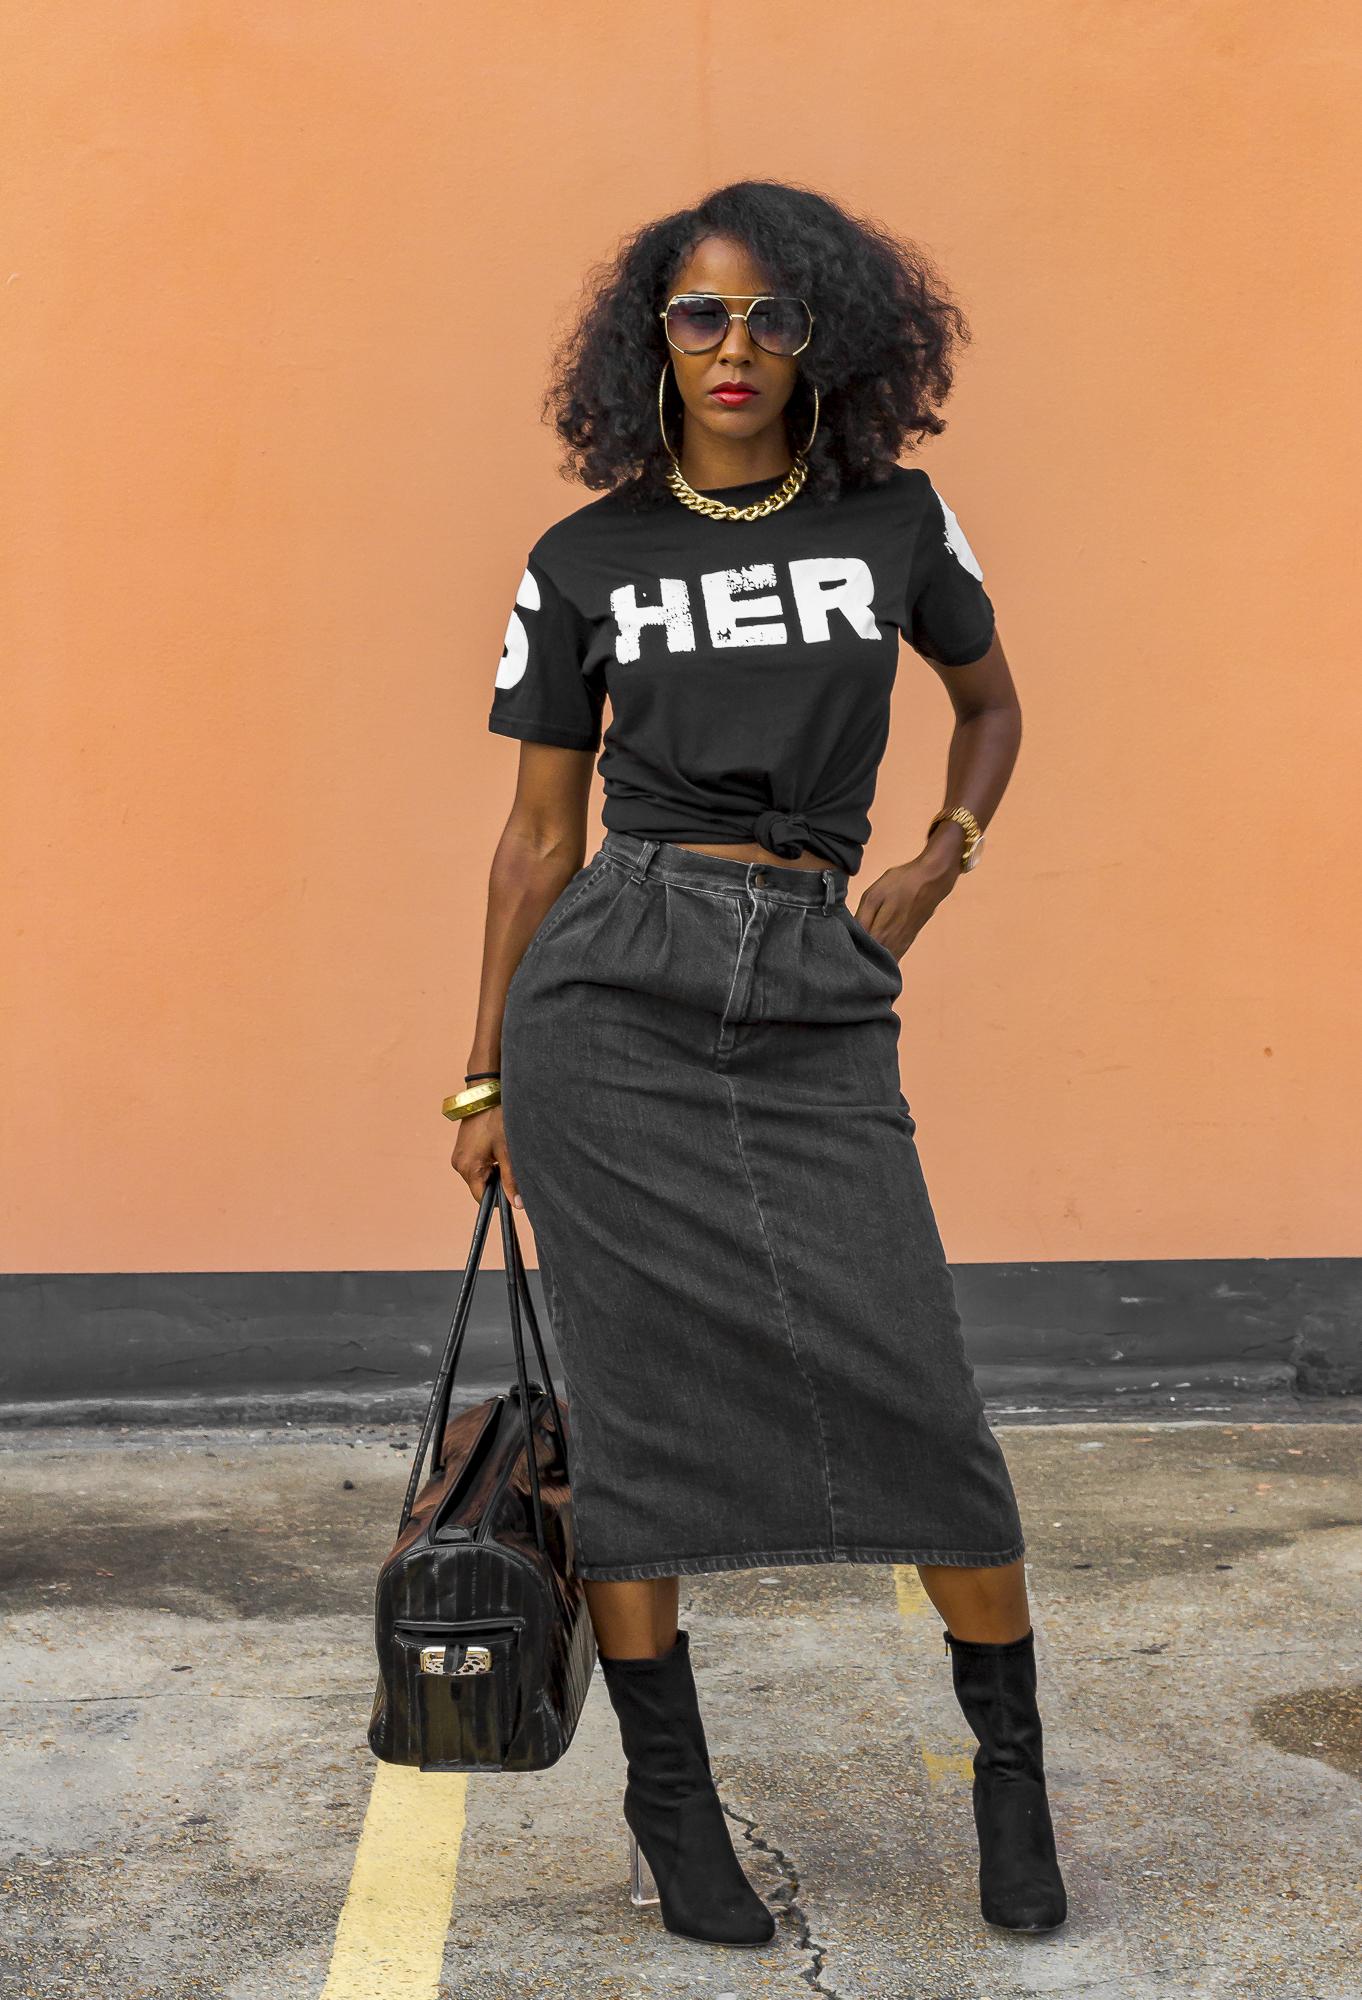 Stuzo Shero Black T-Shirt